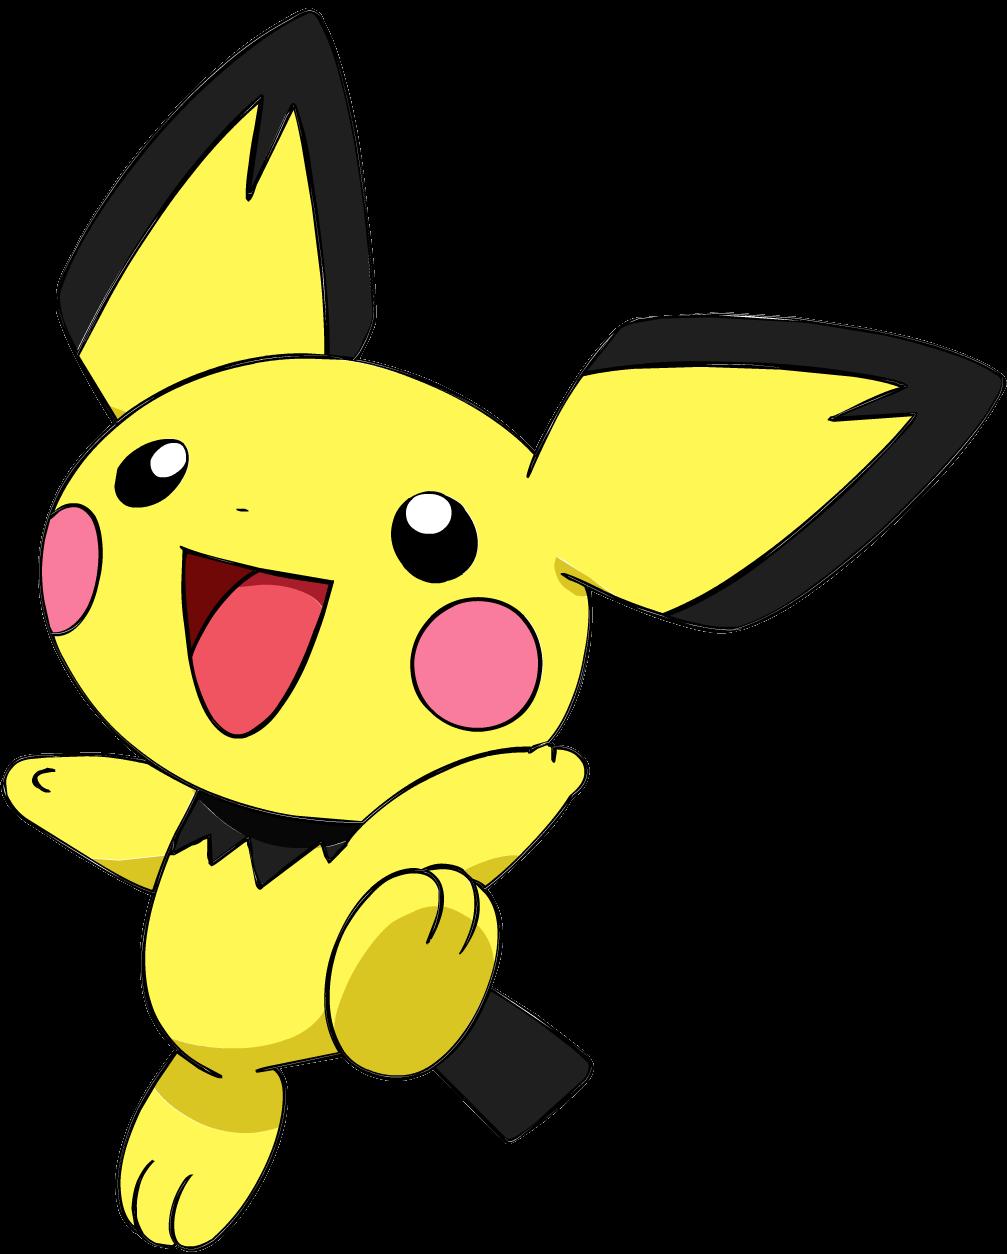 Image 172pichu Os Anime 3 Png Pok 233 Mon Wiki Fandom